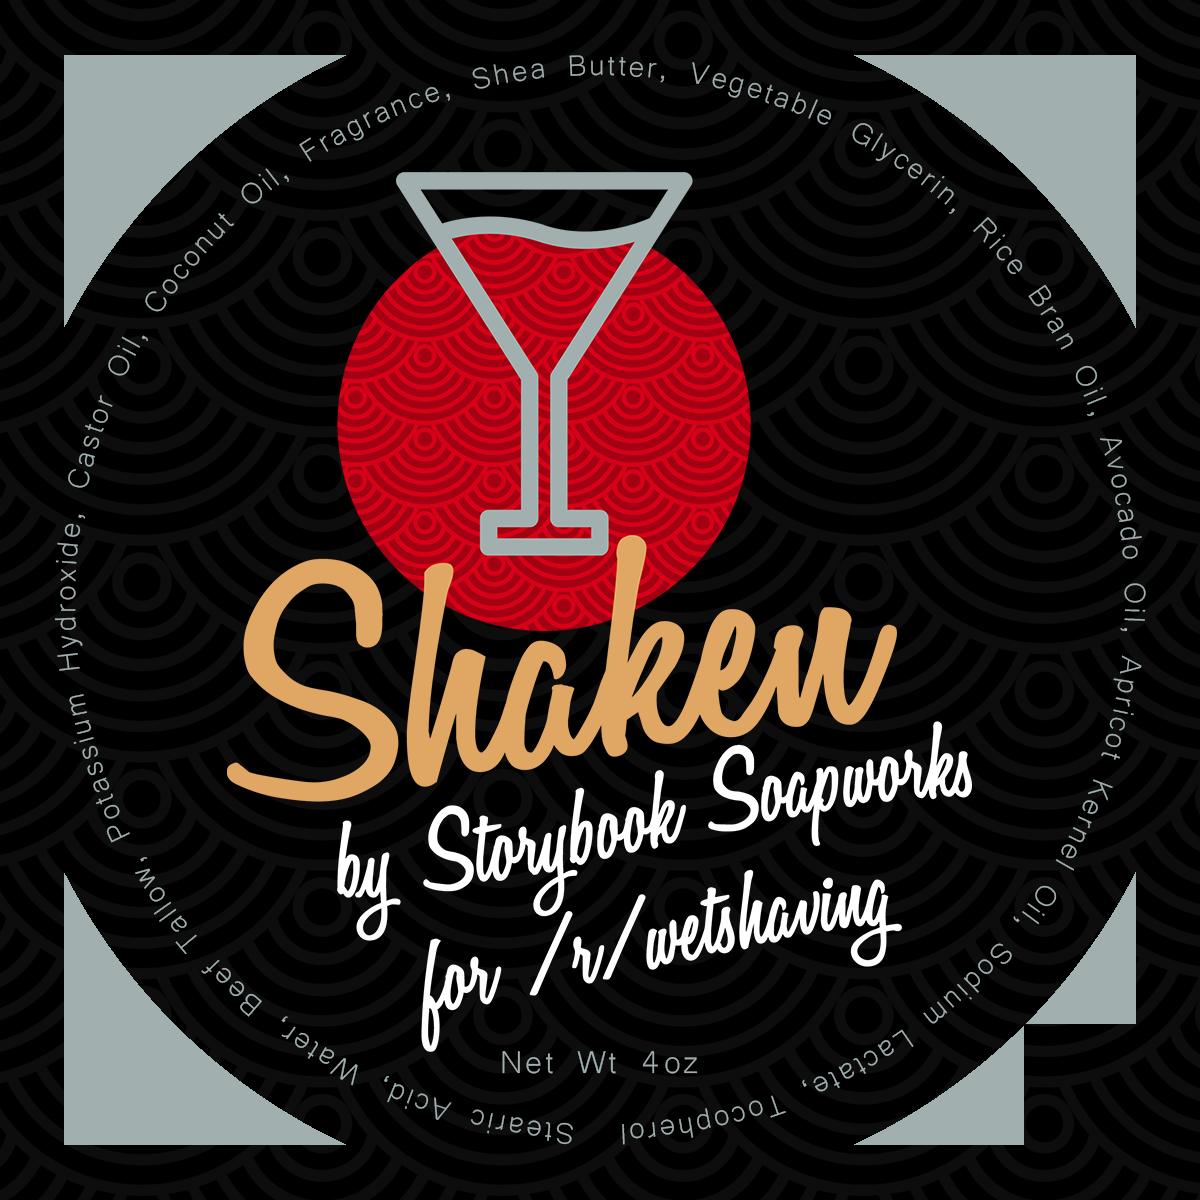 Storybook Soapworks - Shaken - Soap image